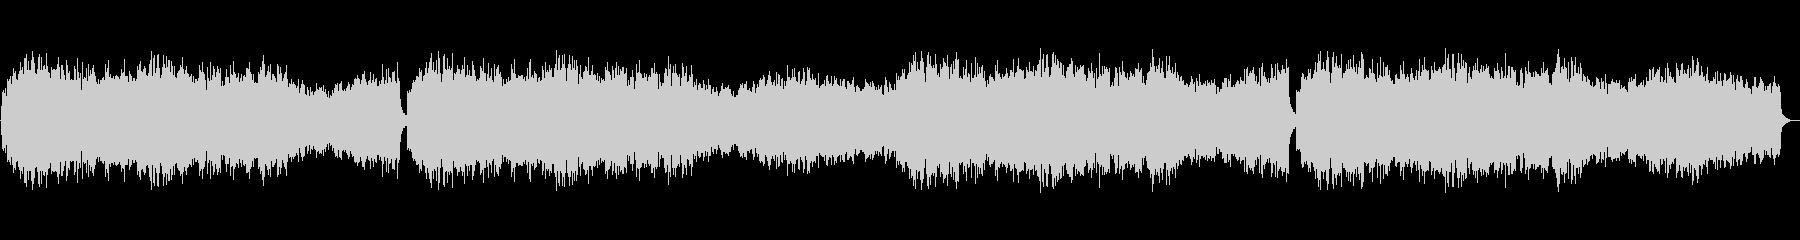 コーラスメインのBGM ゴシックの未再生の波形